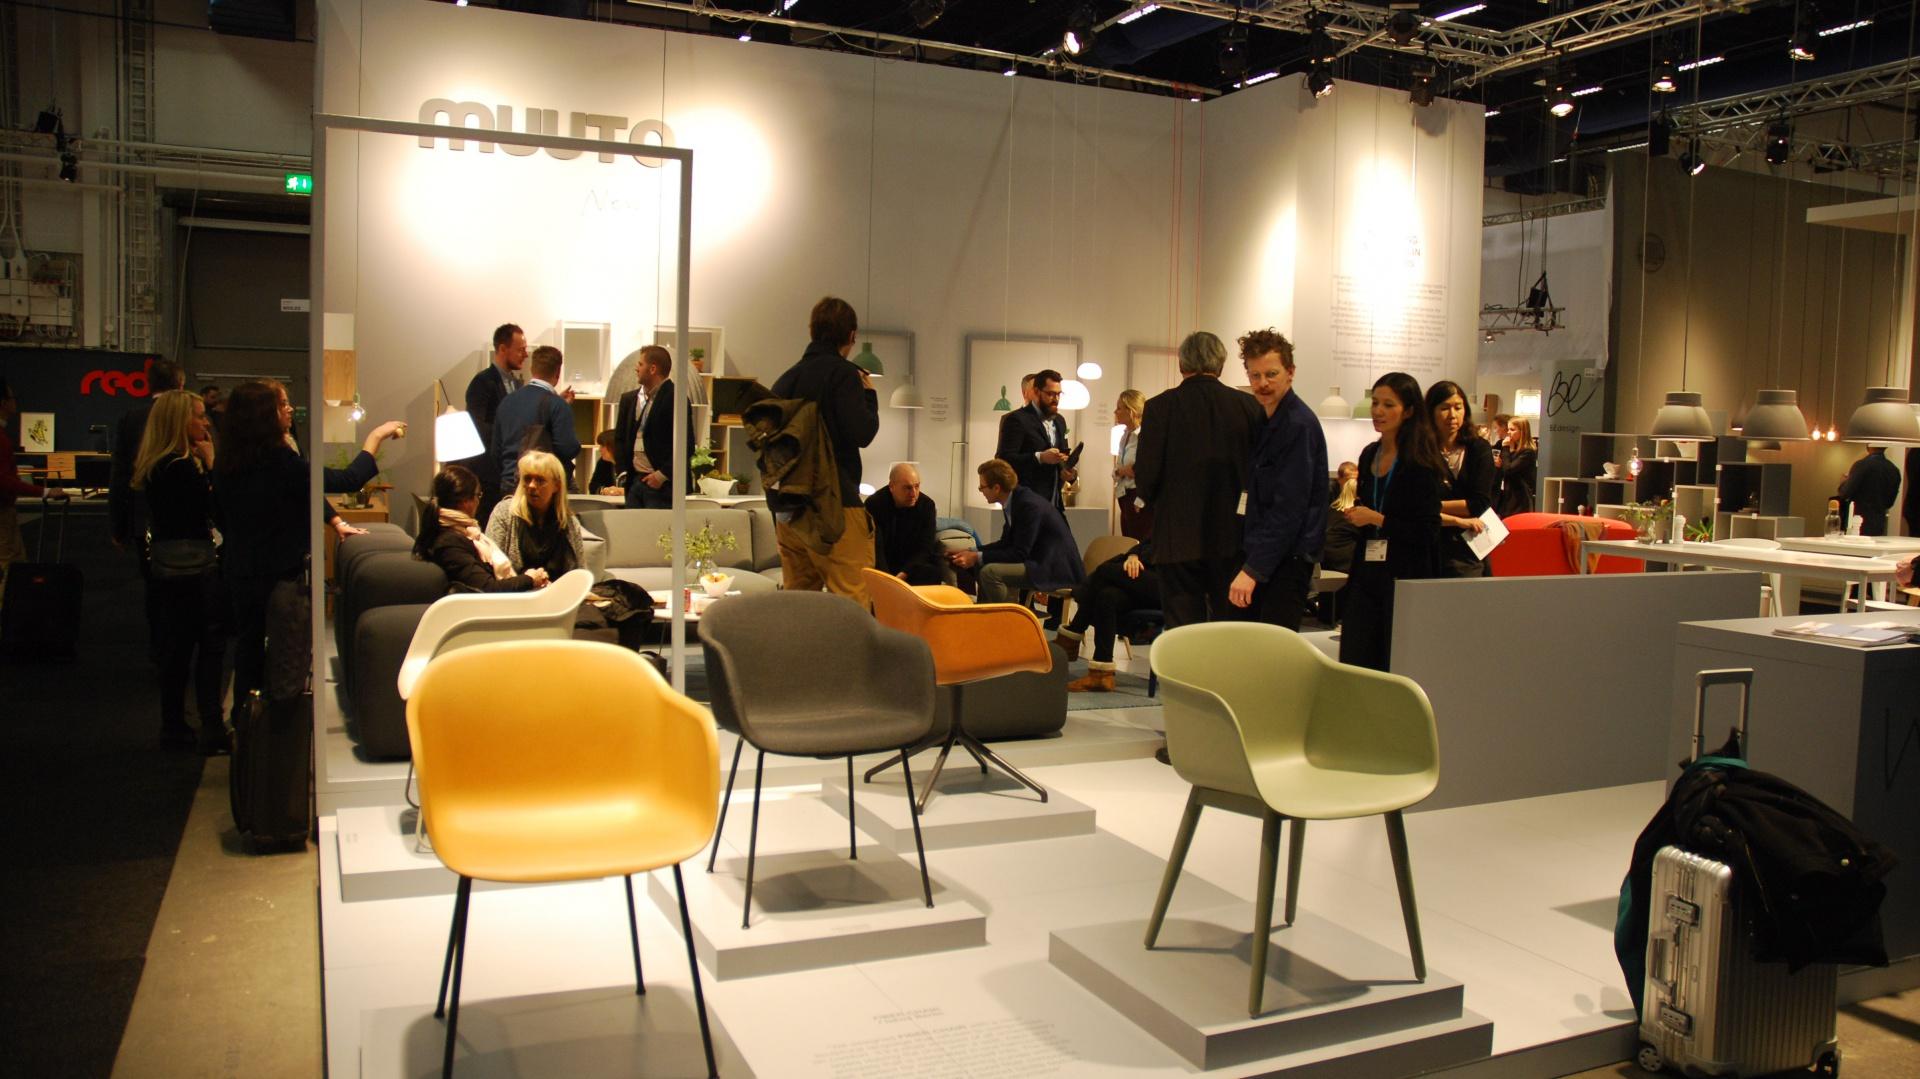 Marka Muuto zaprezentowała kolorową kolekcję krzeseł Fiber Chair wykonanych z drewna i tworzywa sztucznego. Fot. Marta Ustymowicz